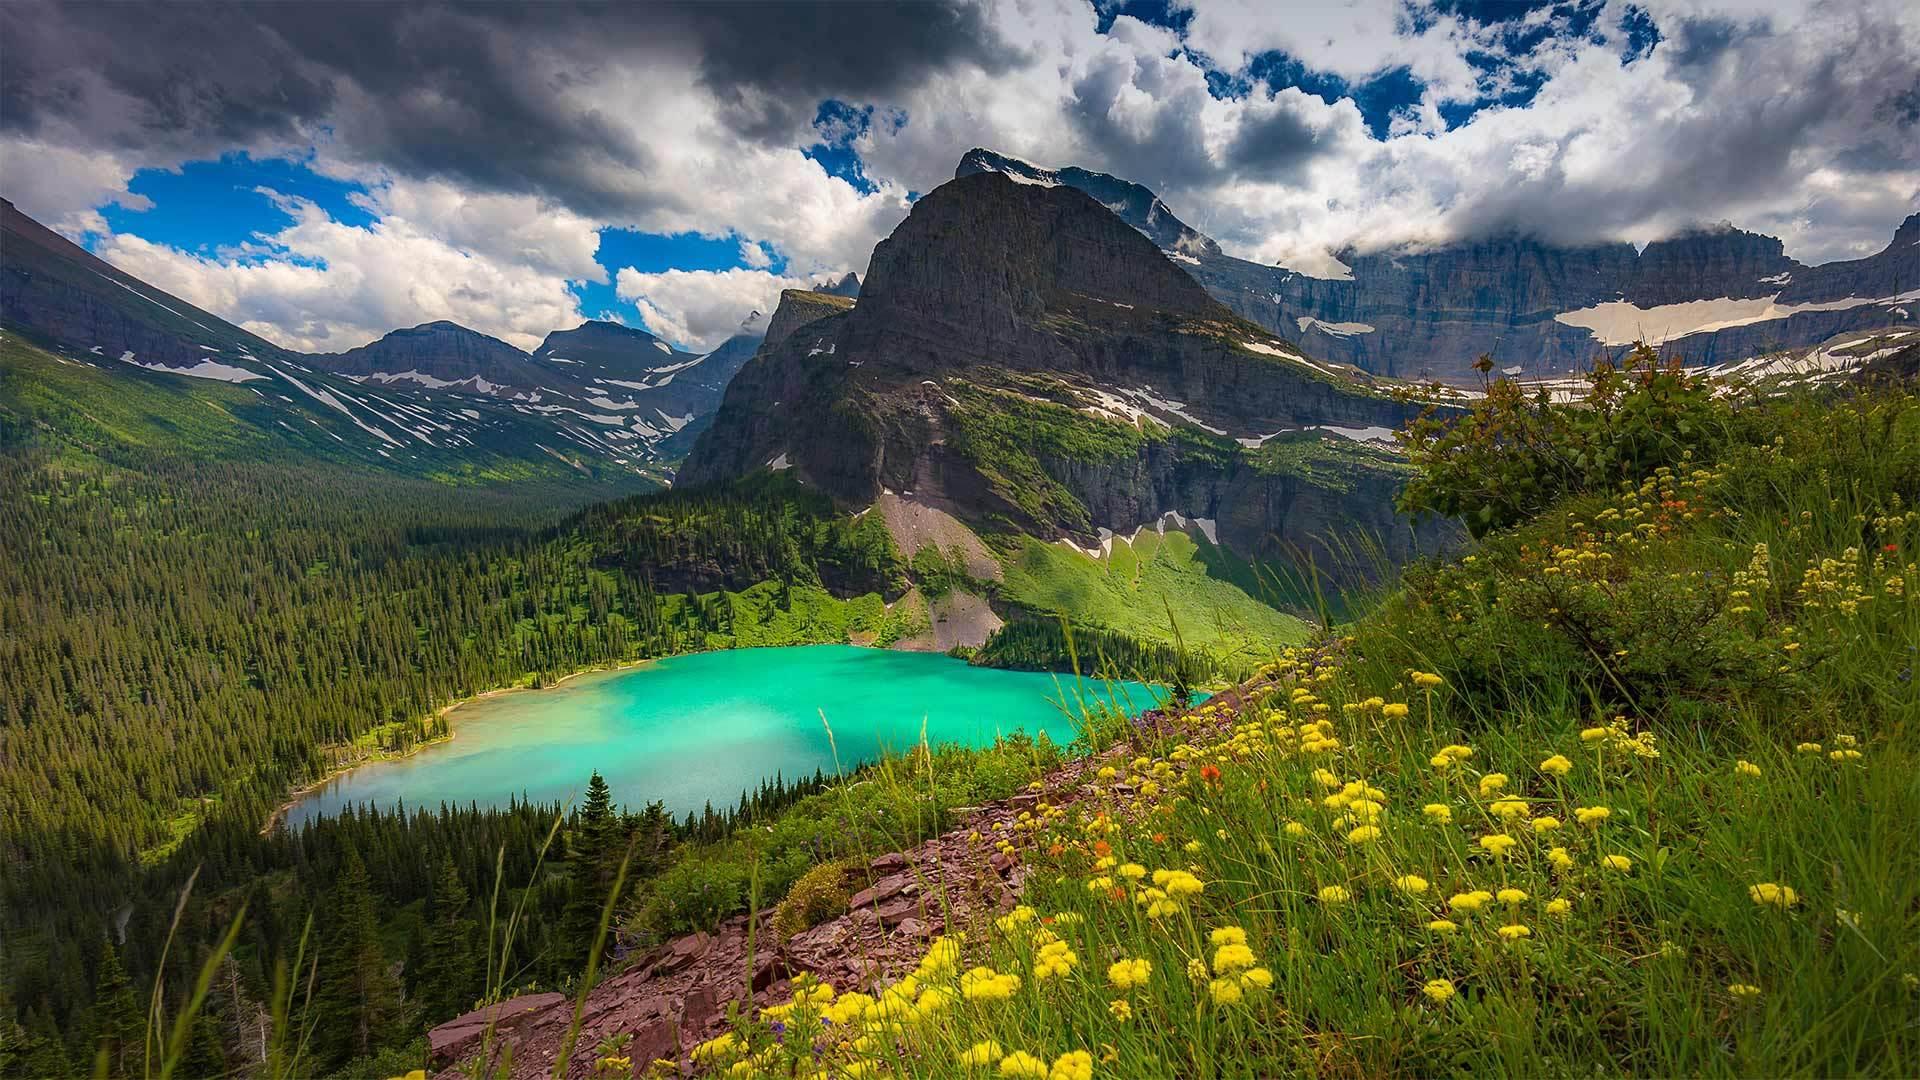 冰川国家公园格林内尔湖冰川国家公园